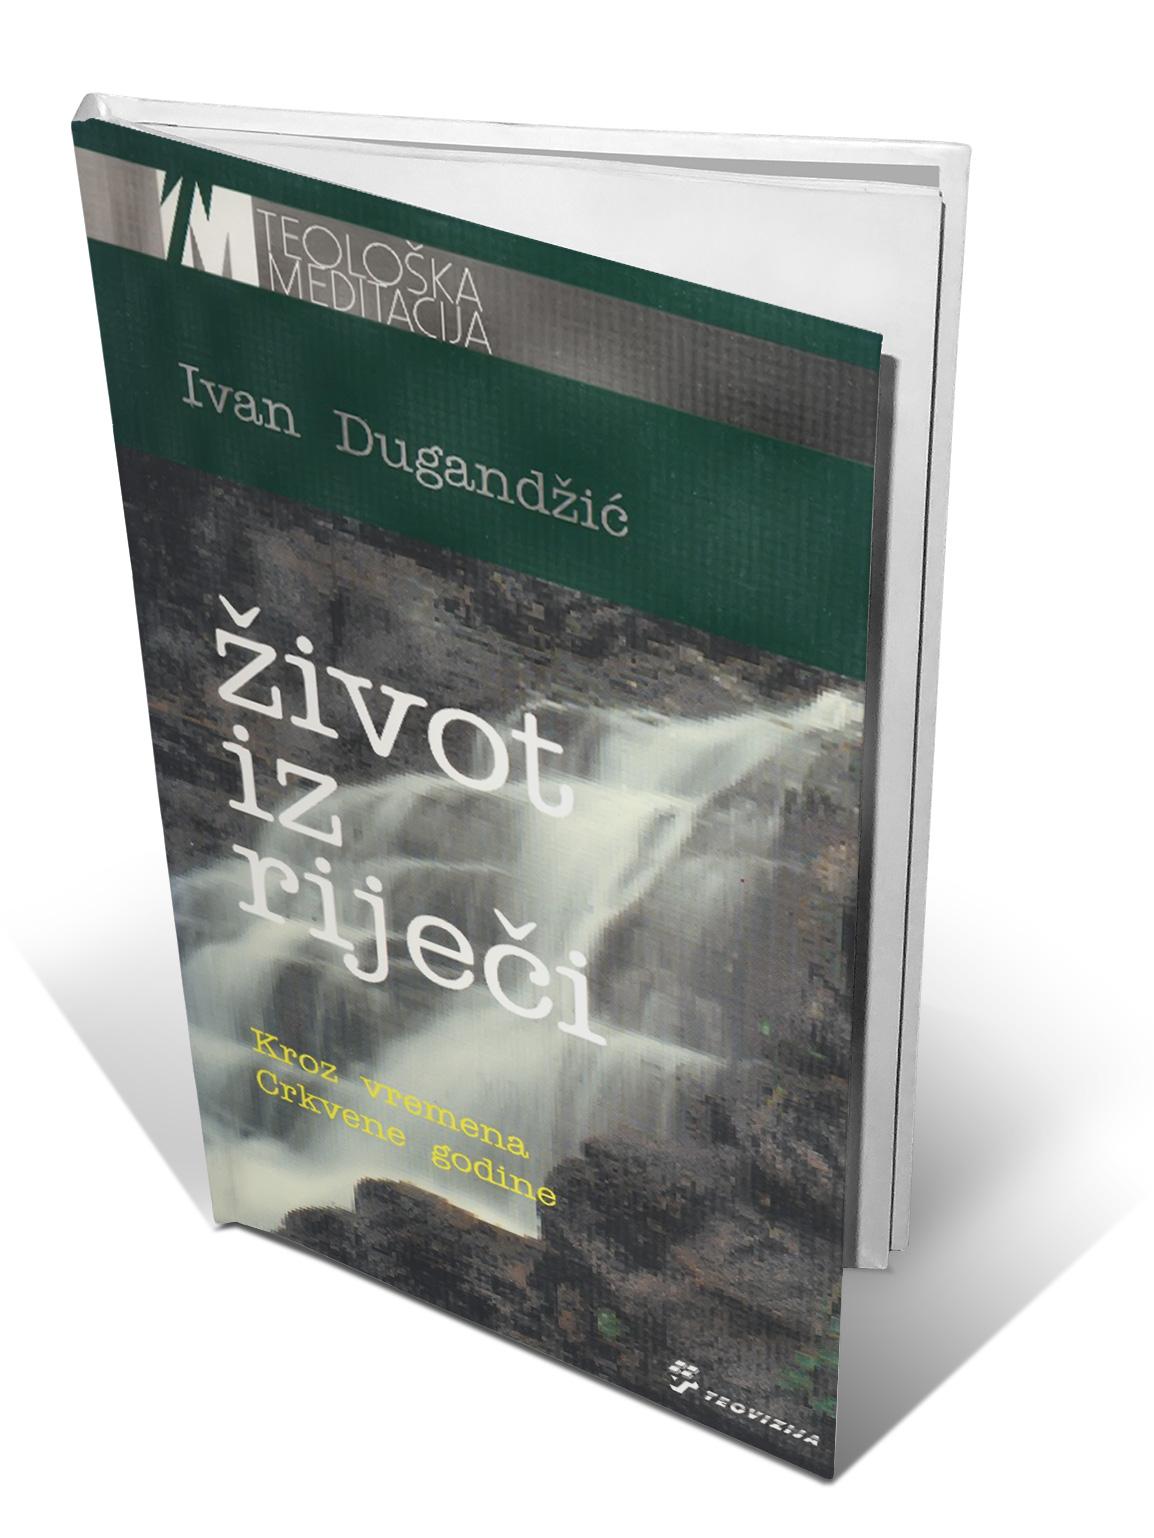 ŽIVOT IZ RIJEČI - Ivan Dugandžić